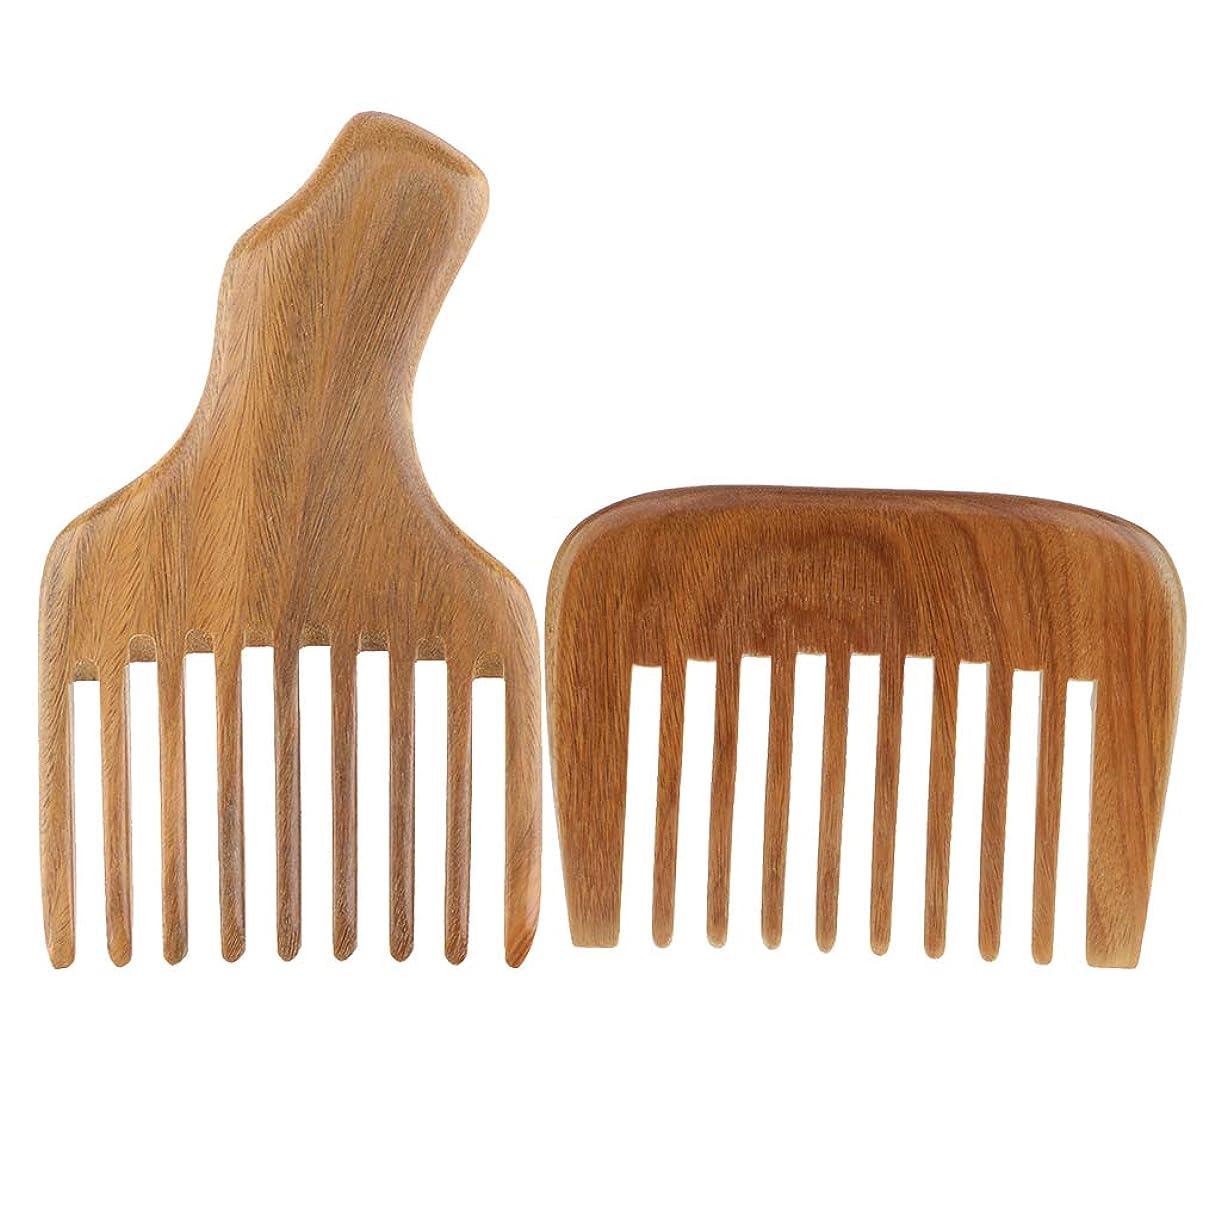 コードレストレッド反逆DYNWAVE ウッドコーム 天然木の櫛セット 髪のマッサージの櫛 2個セット